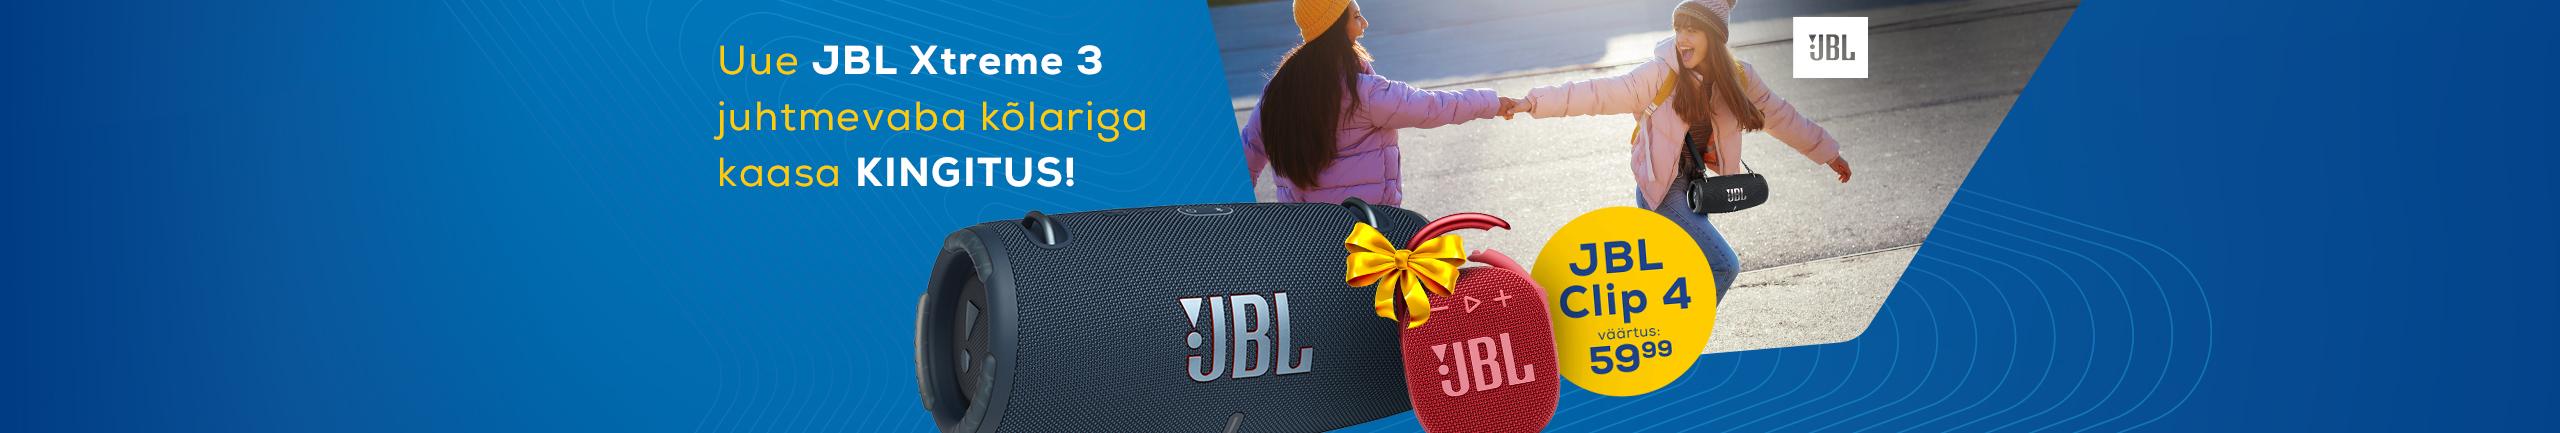 Osta JBL Xtreme 3 kõlar ja saa Clip 4 kingituseks!